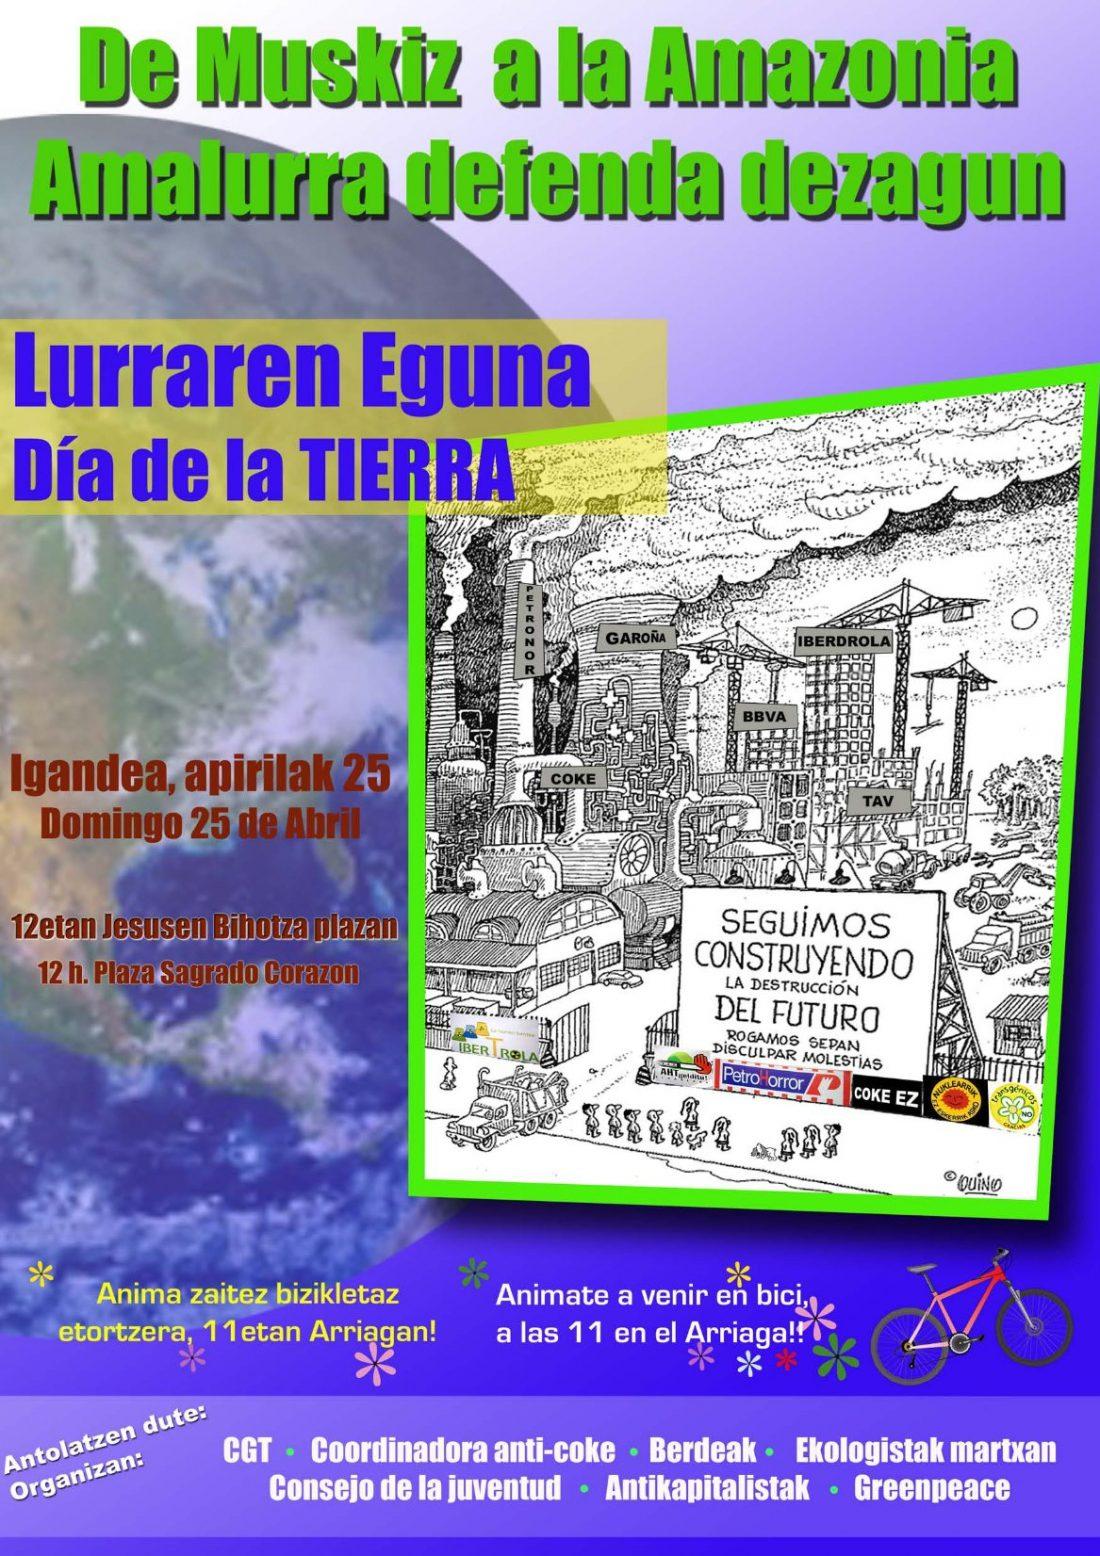 Bilbao, 25 de Abril: Manifestación contra Petronor y su contaminación